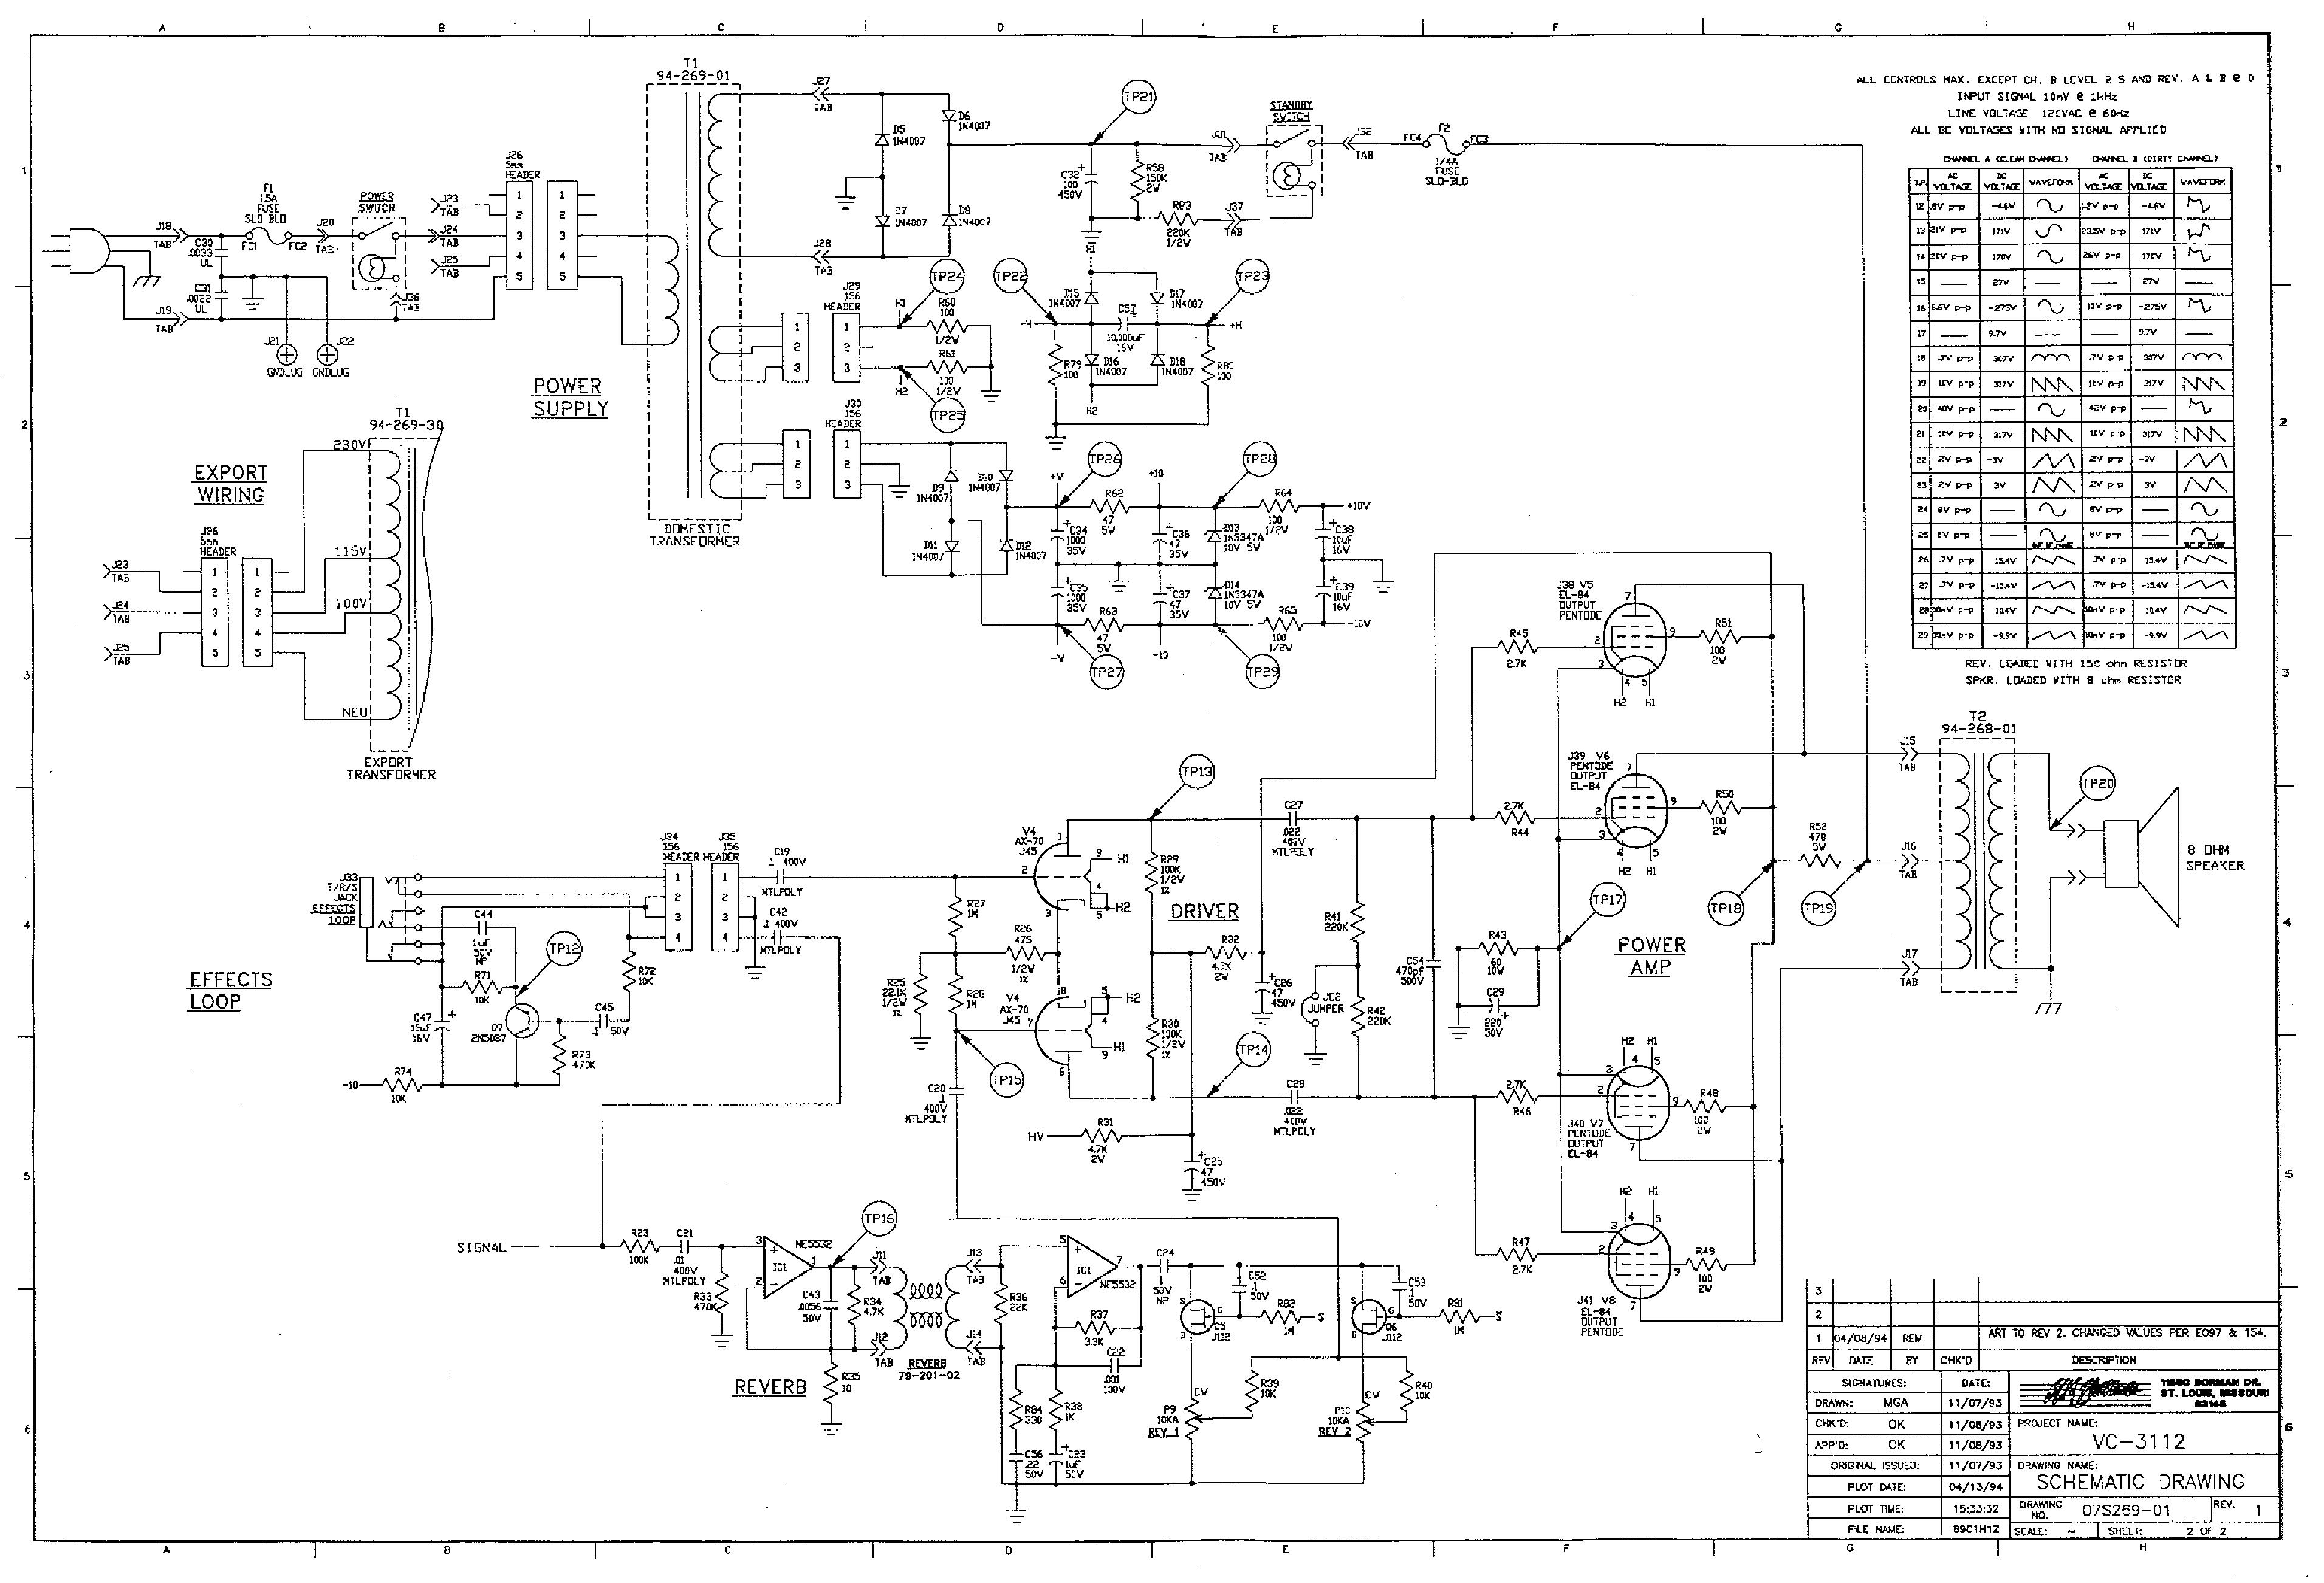 CRATE VC3112 SCH